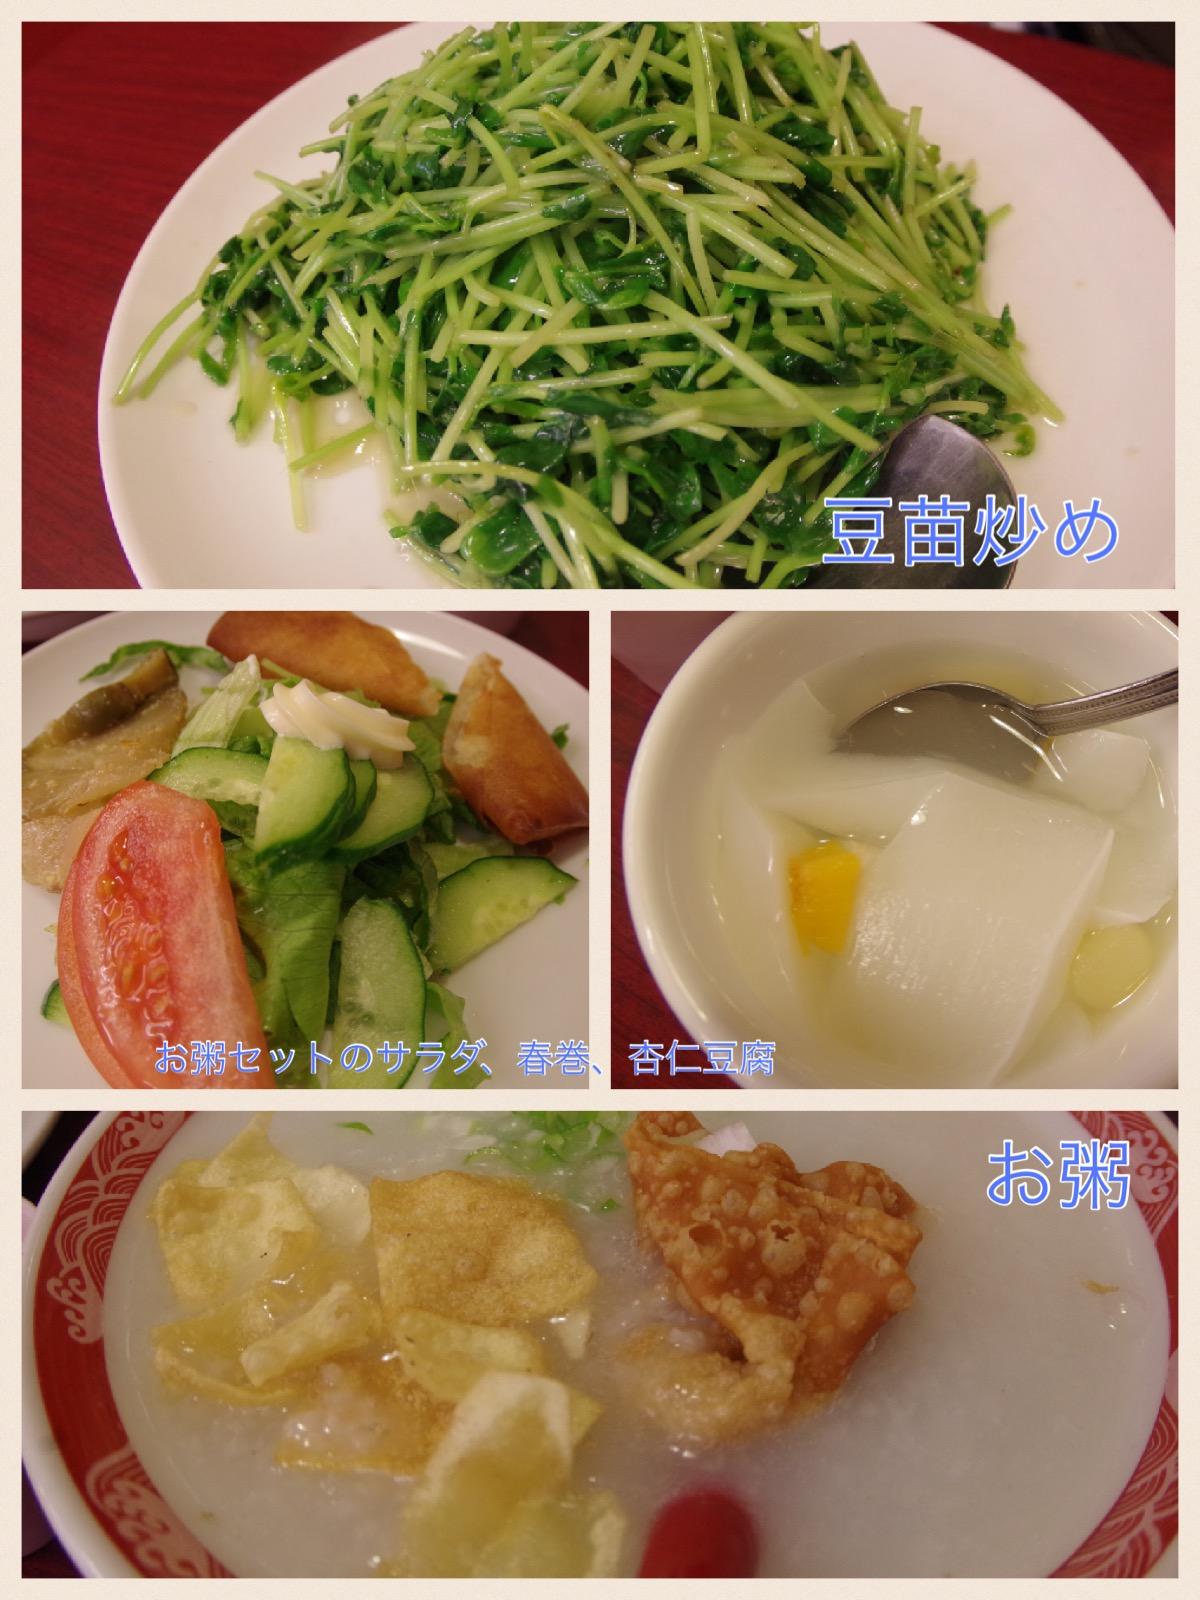 至福の朝食 「馬さんの店 龍仙 本店」のお粥 @春節の横浜中華街